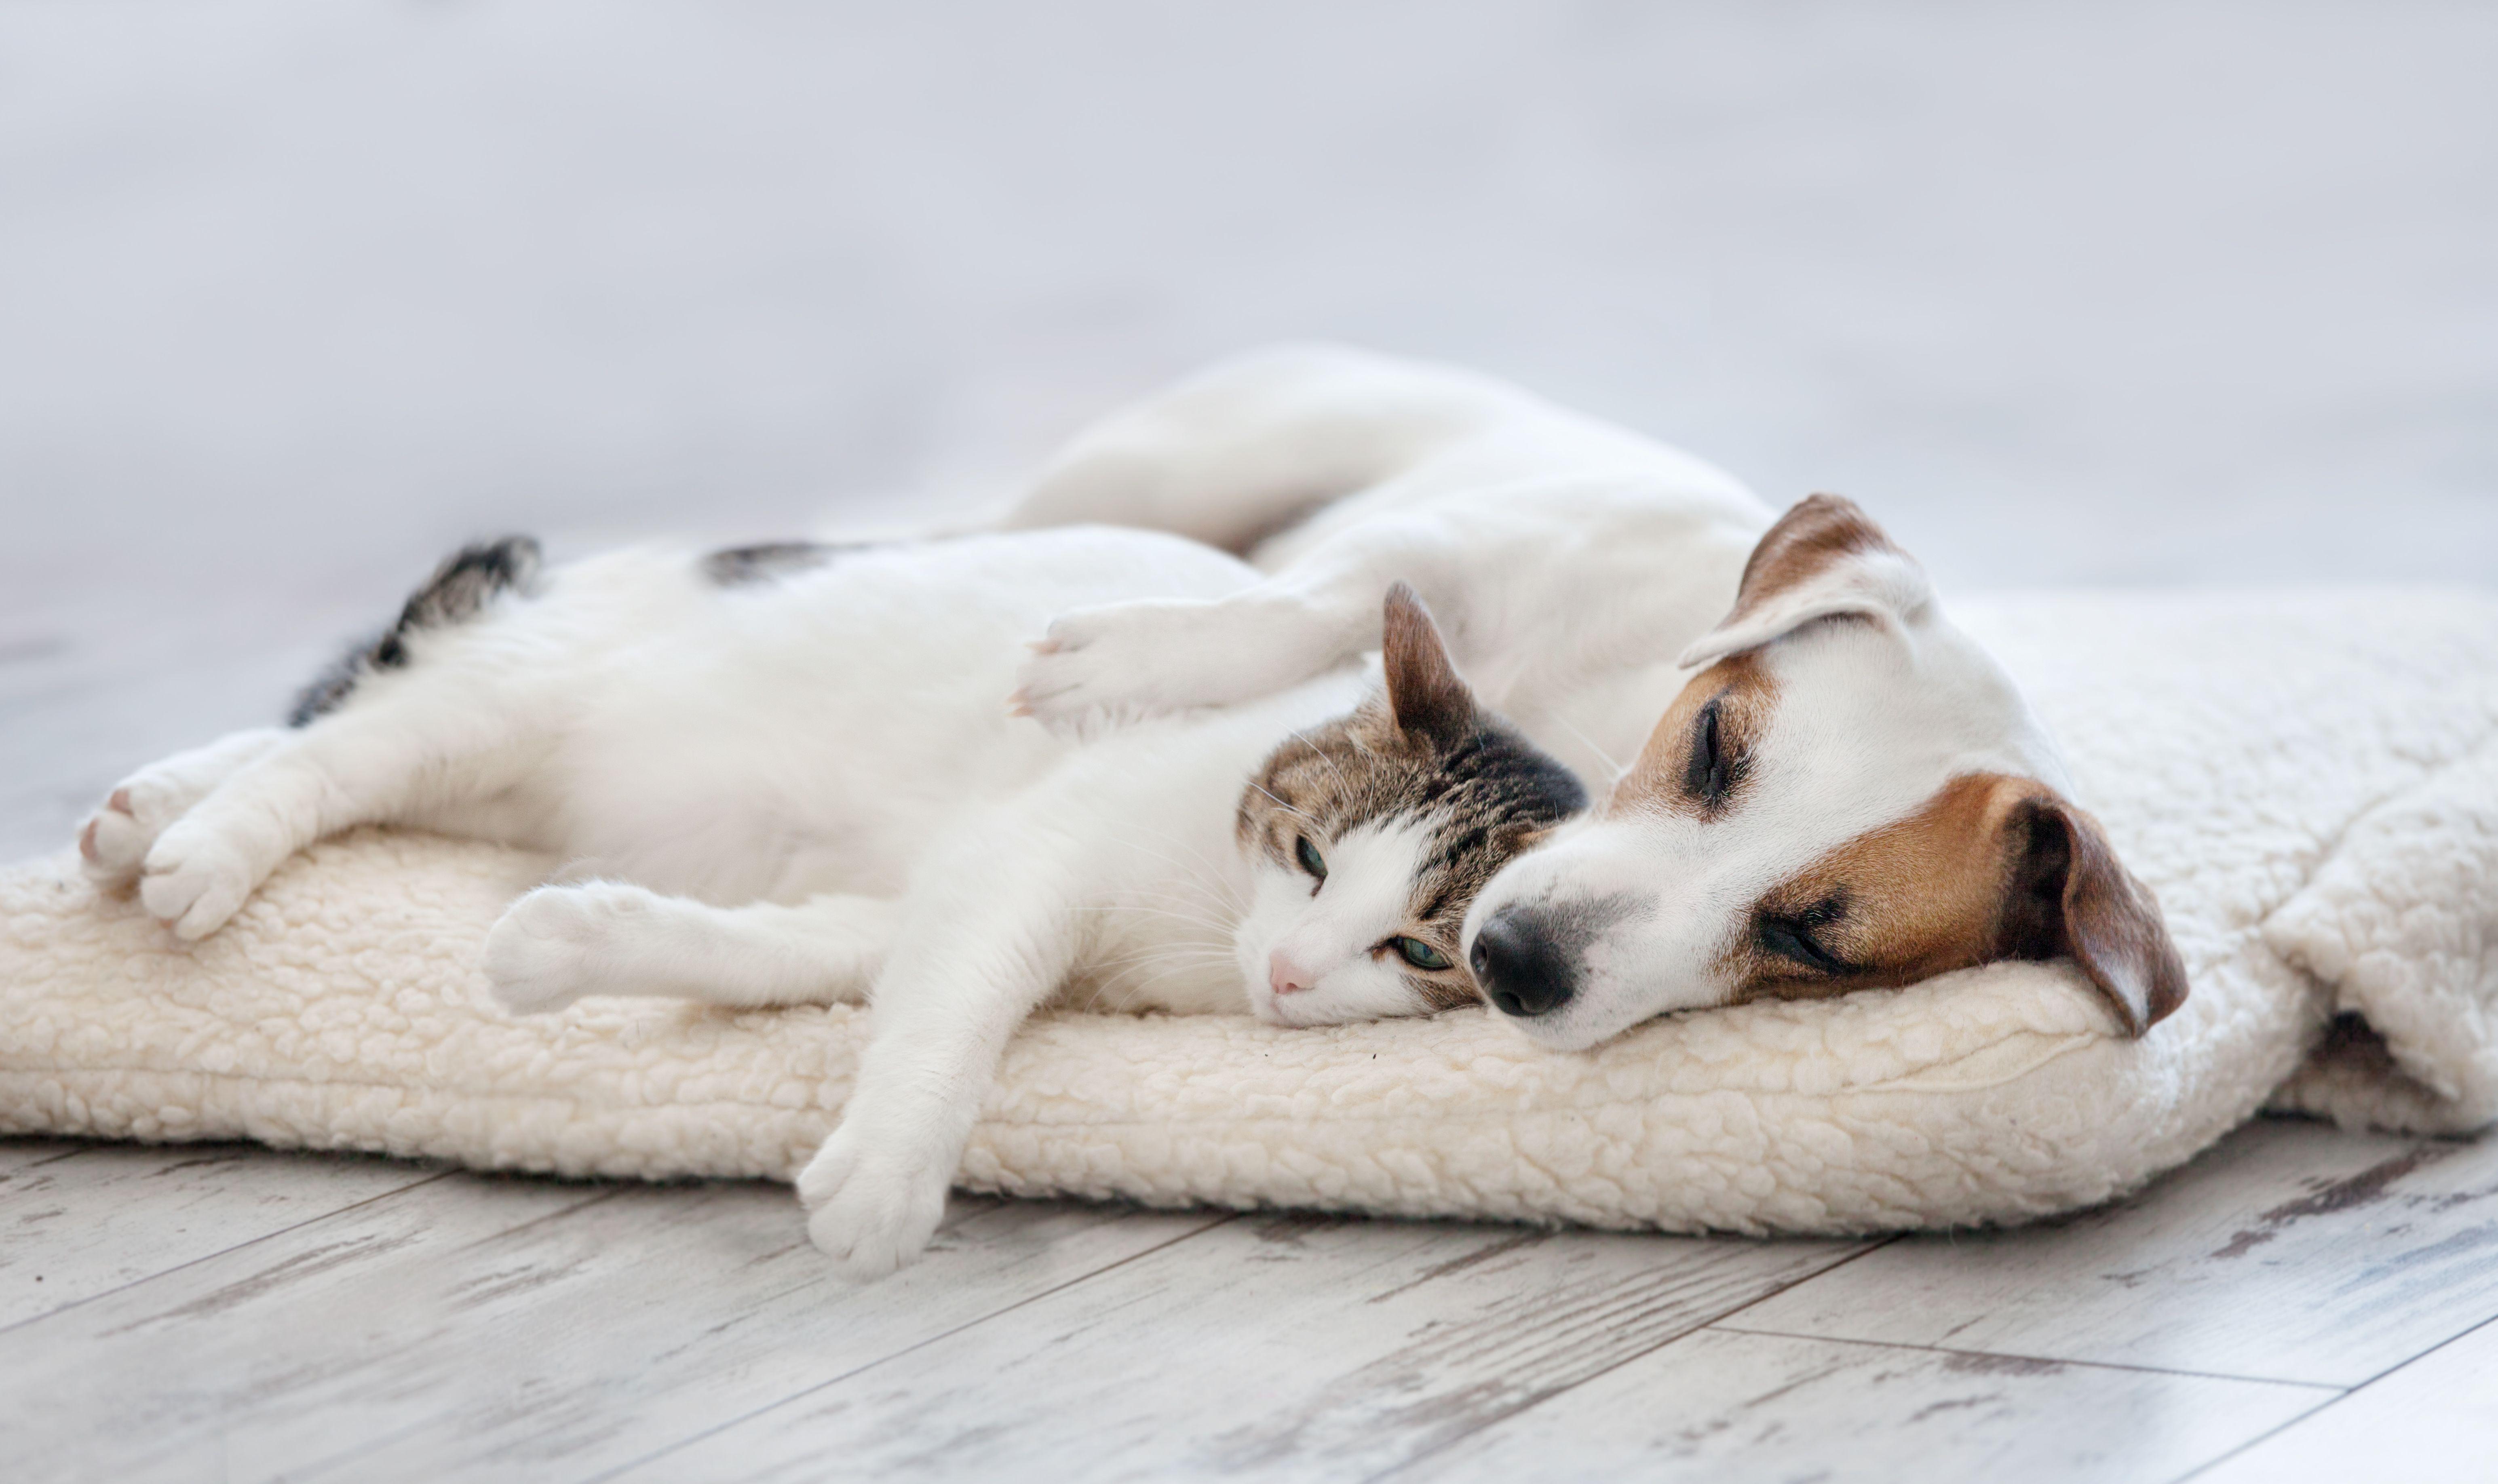 Productos y accesorios para perros y gatos Sants Barcelona